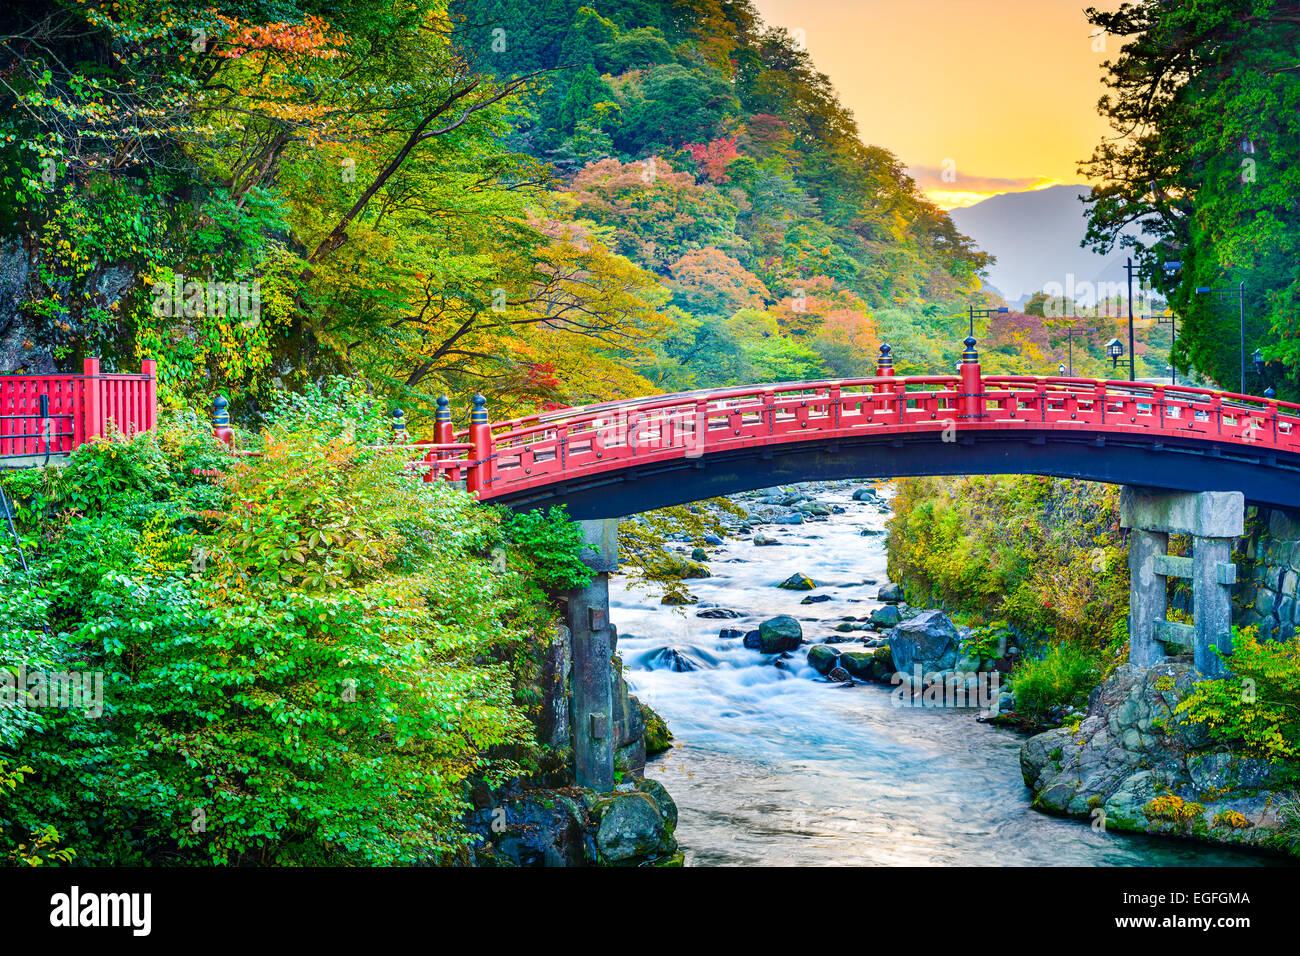 Nikko, Japan at Shinkyo Bridge. - Stock Image